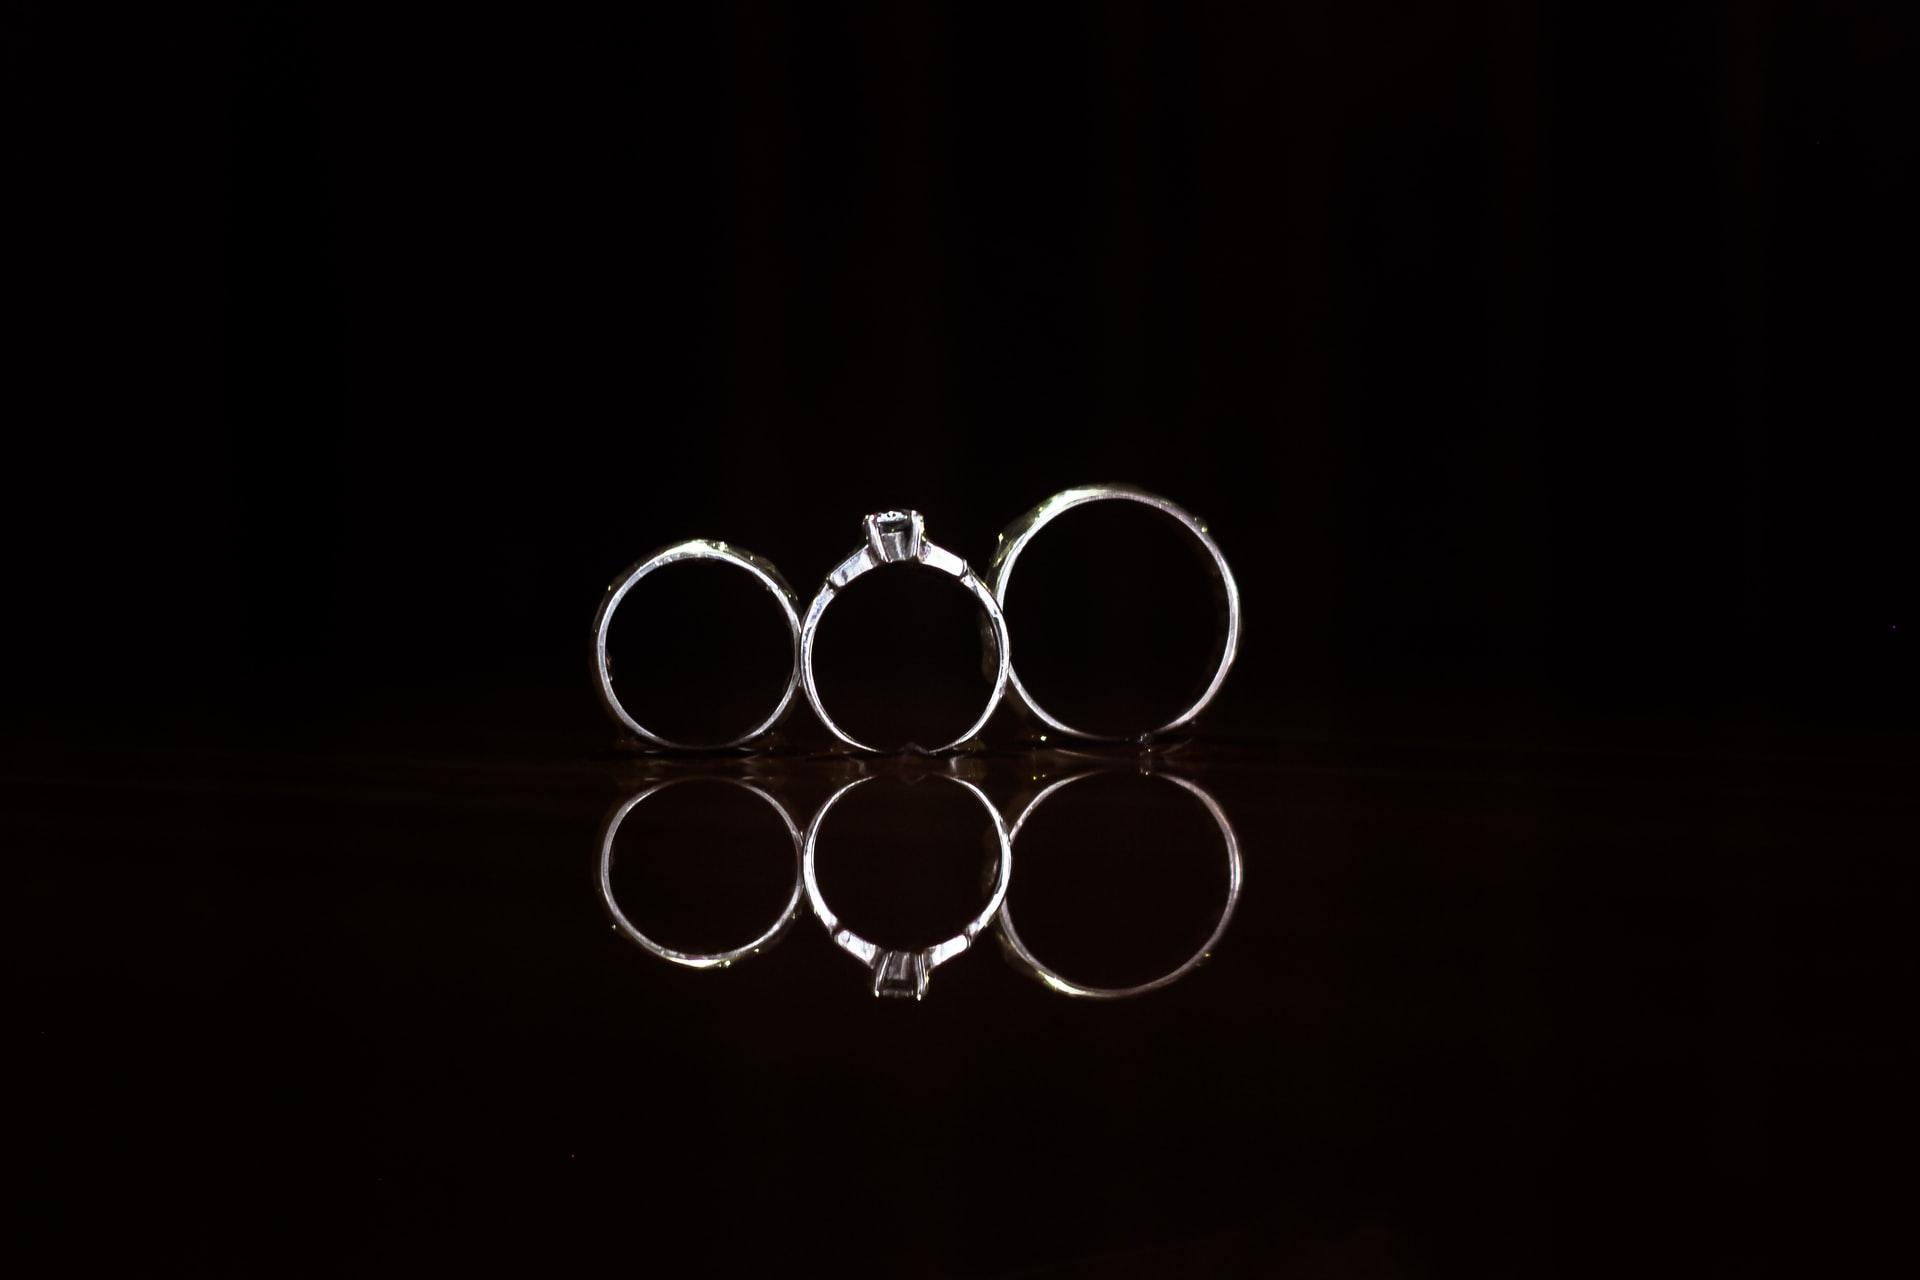 qudo rings